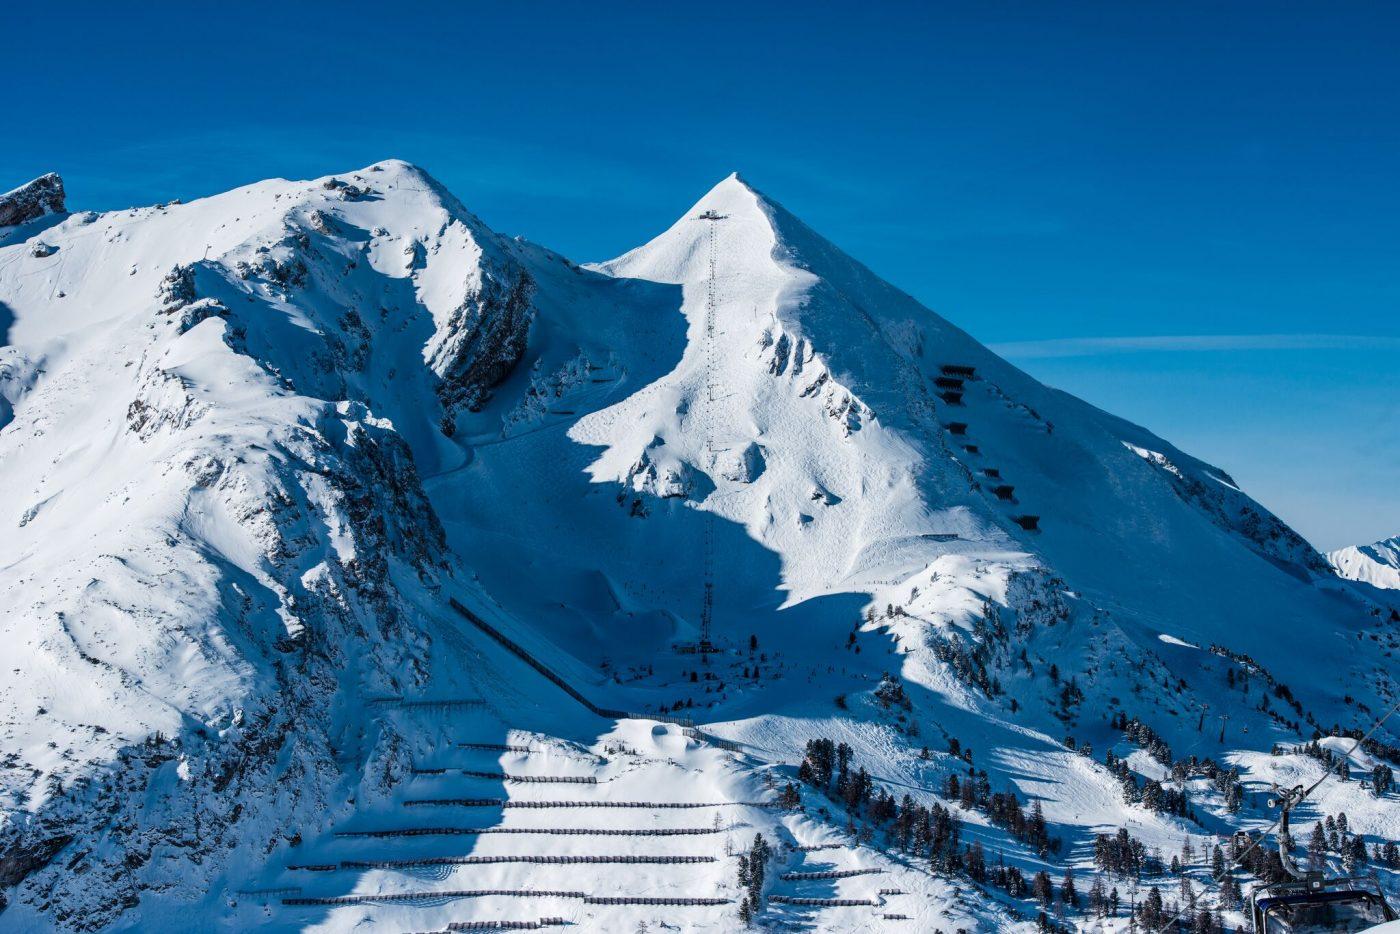 Das Sind Die Funf Schwierigsten Abfahrten Der Alpen